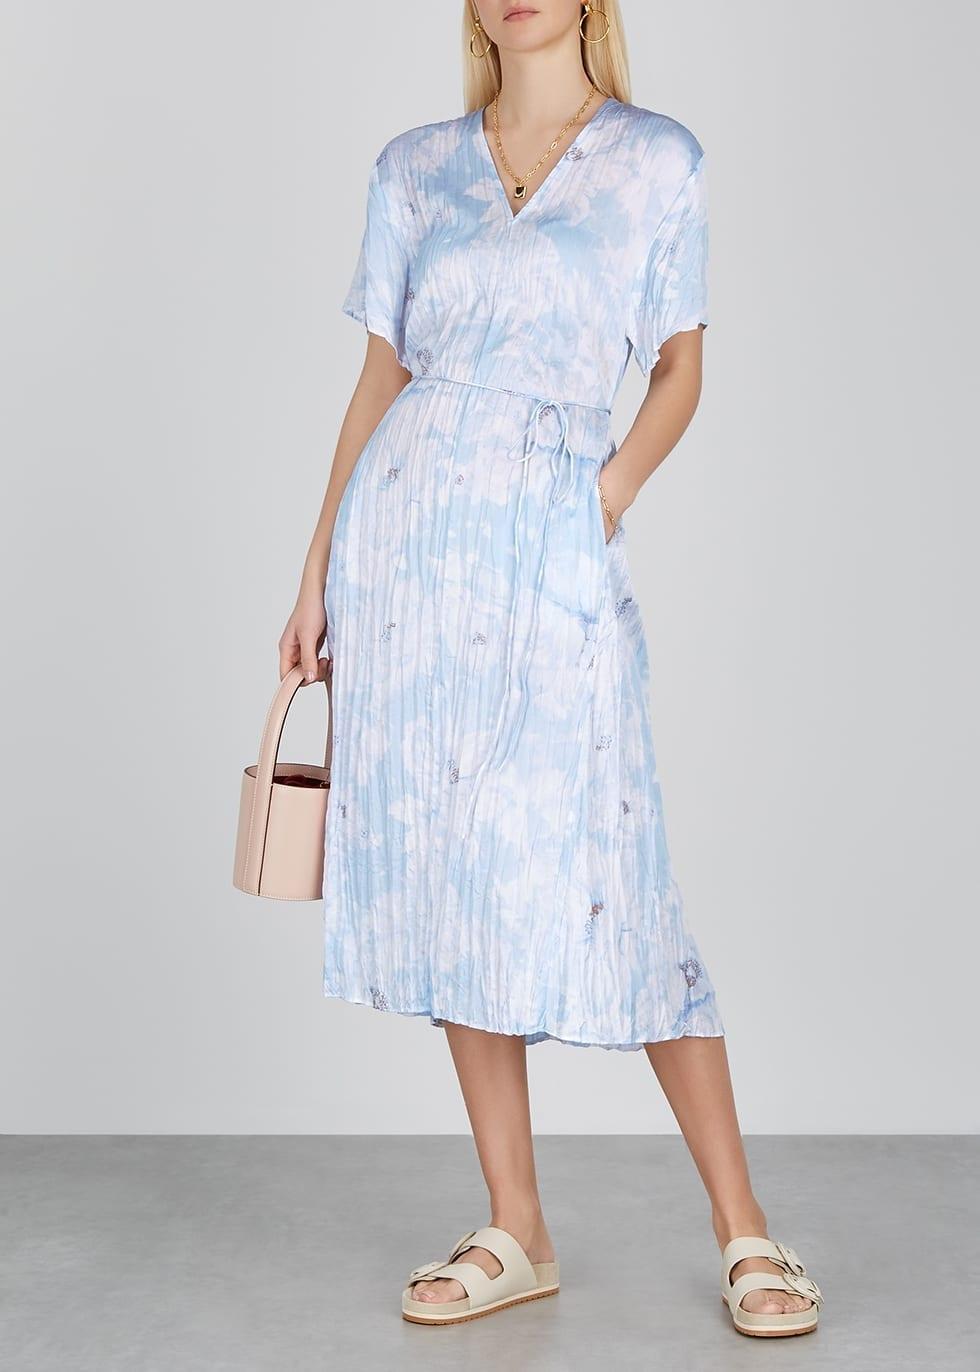 VINCE Blue Floral-print Crinkled Satin Dress